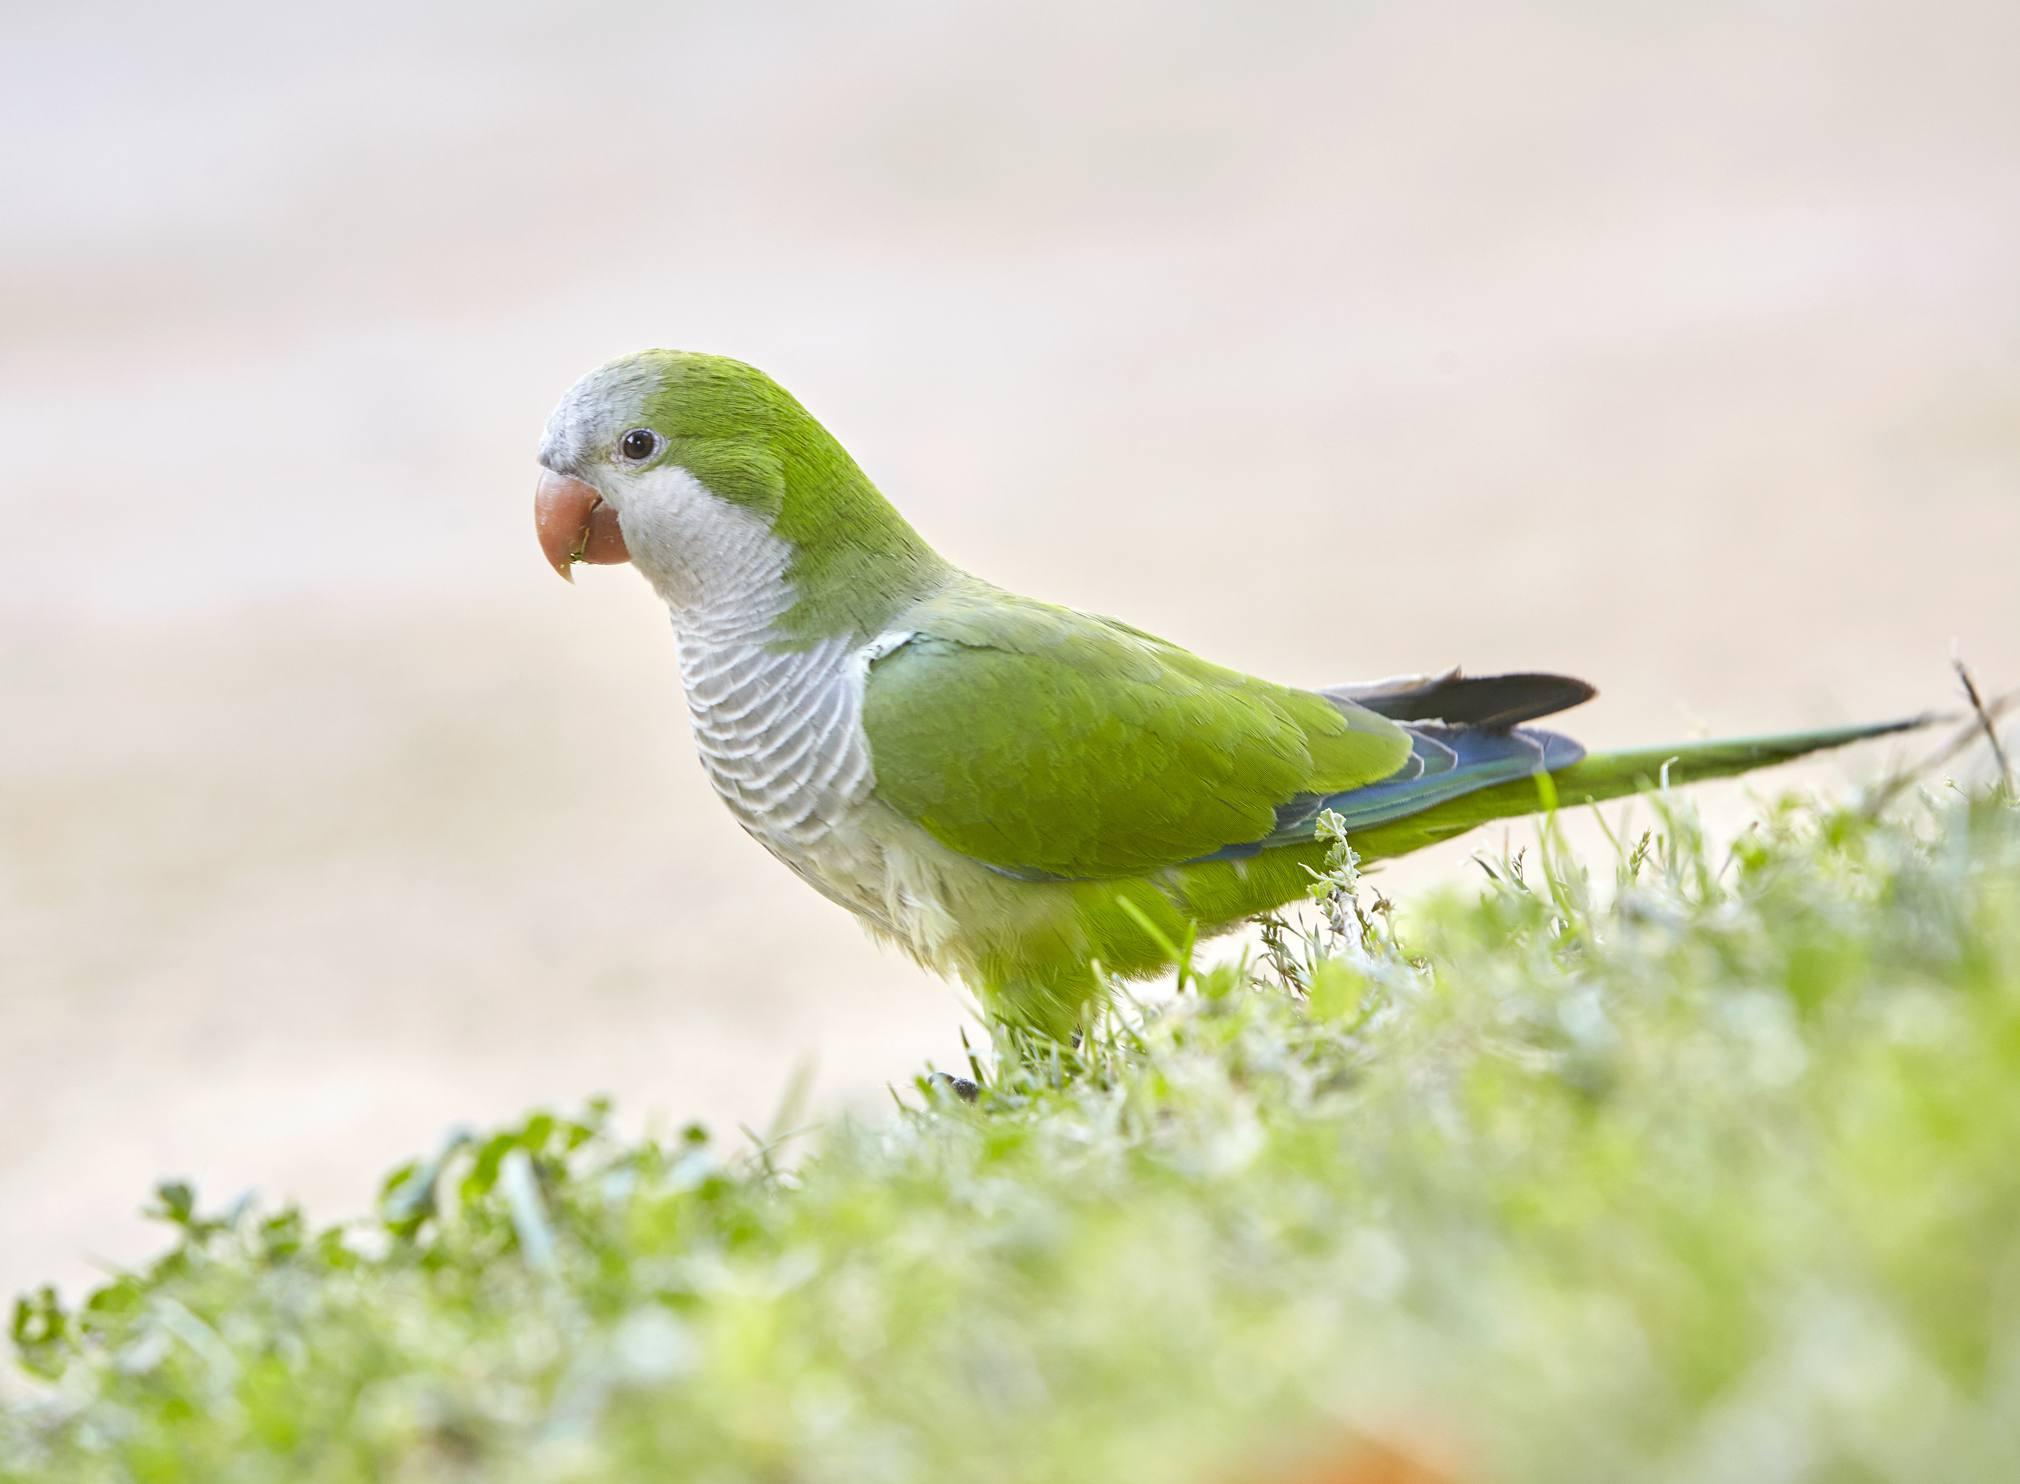 Quaker parakeet standing in grass